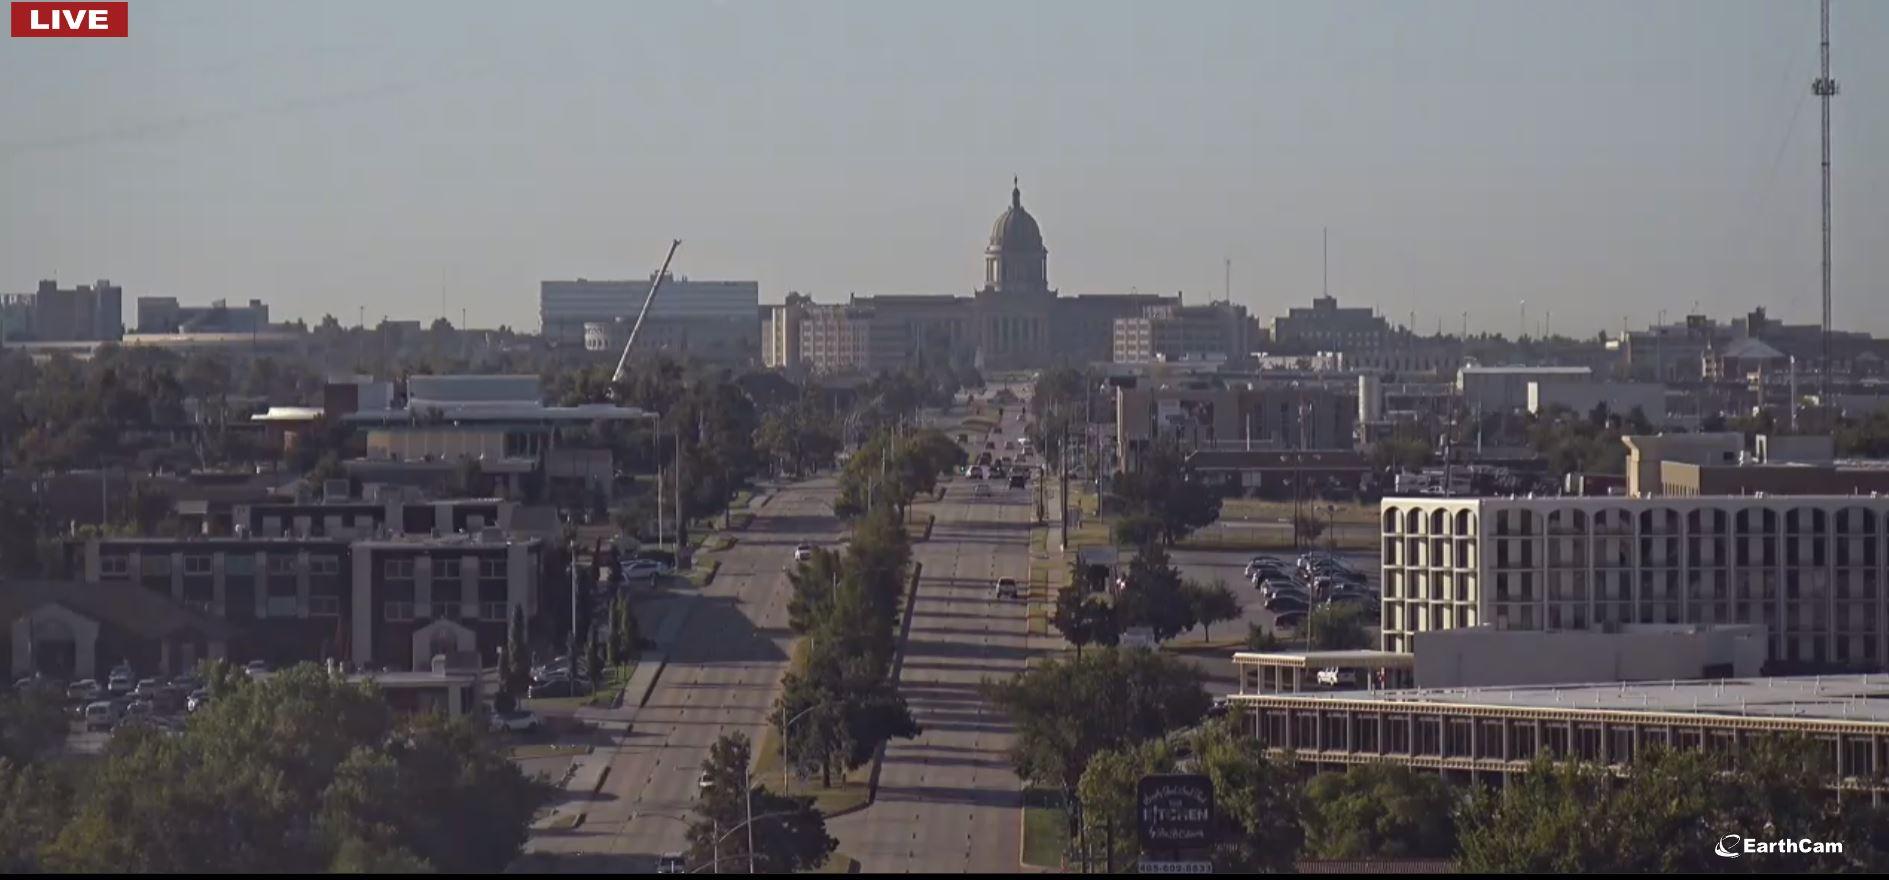 webcam Oklahoma City